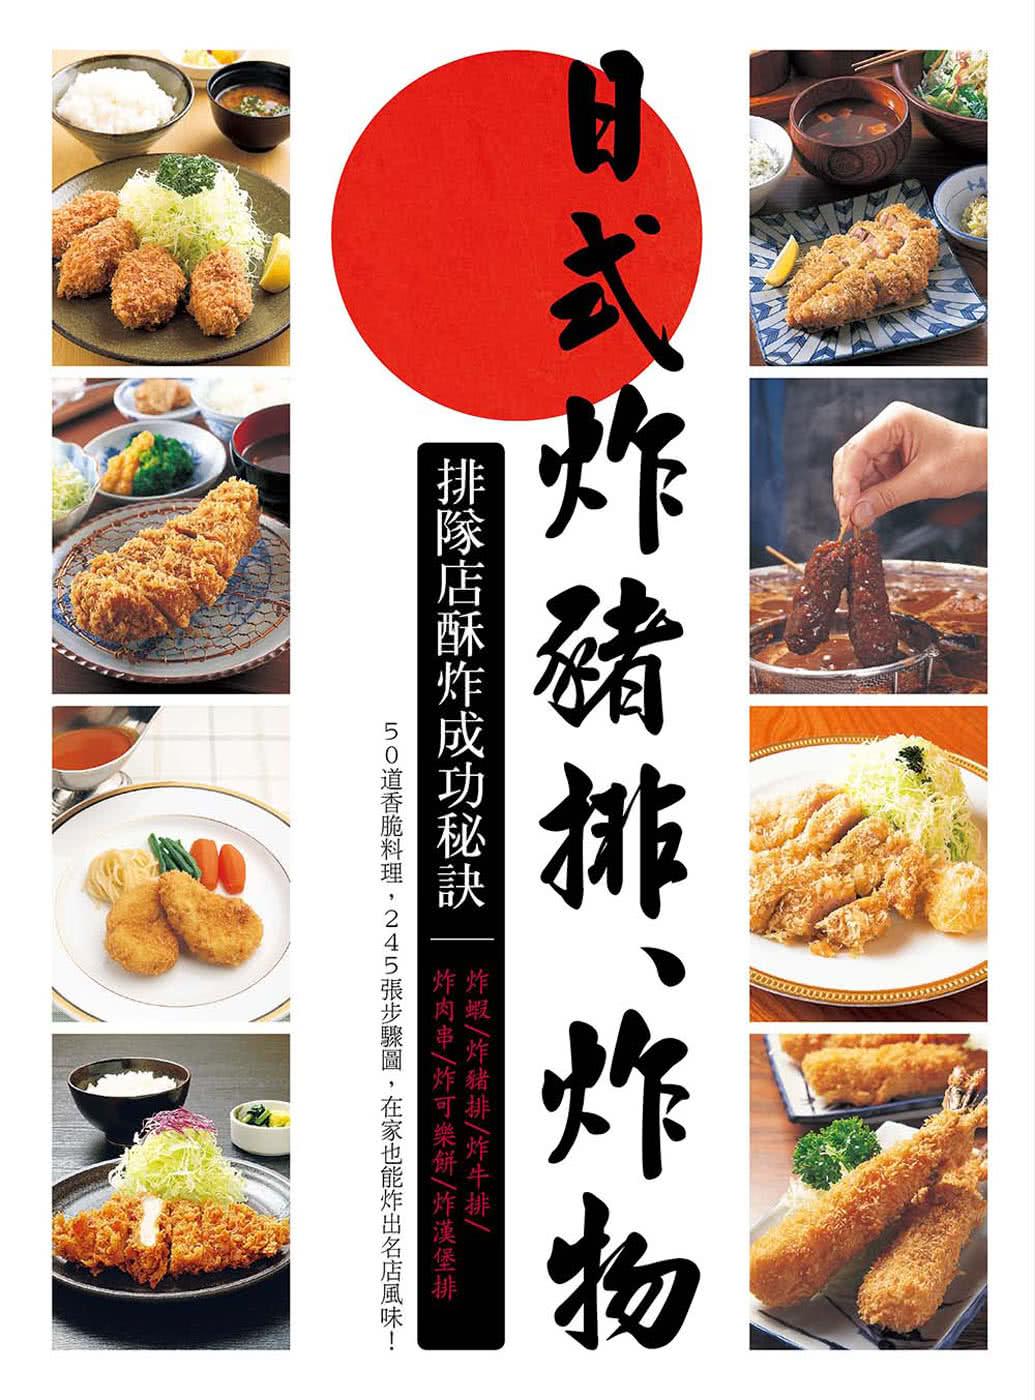 日式炸豬排&炸物